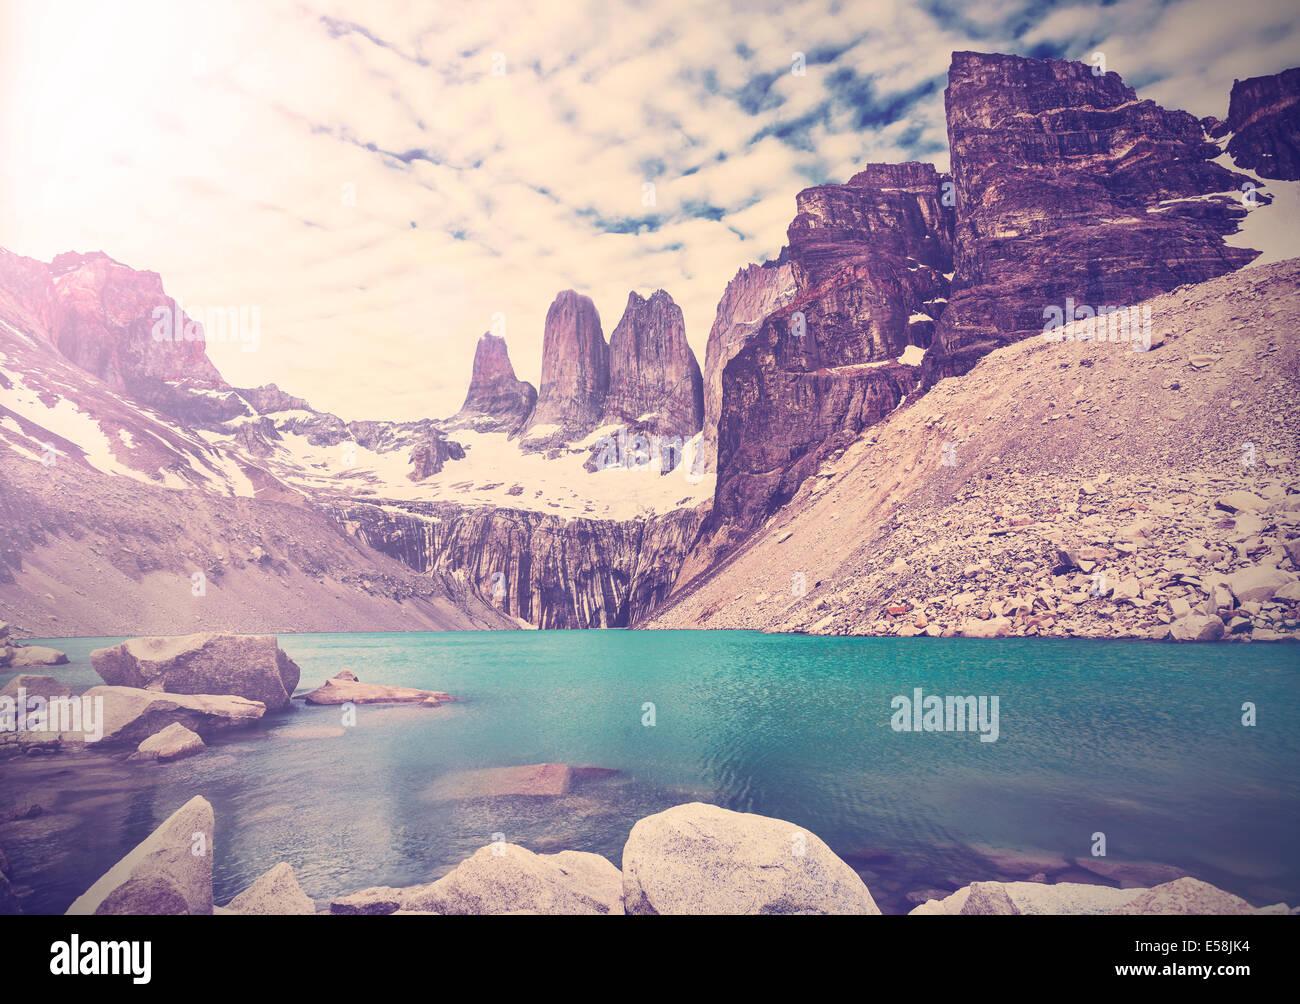 Vintage foto del Parque Nacional Torres del Paine, Patagonia, Chile Imagen De Stock